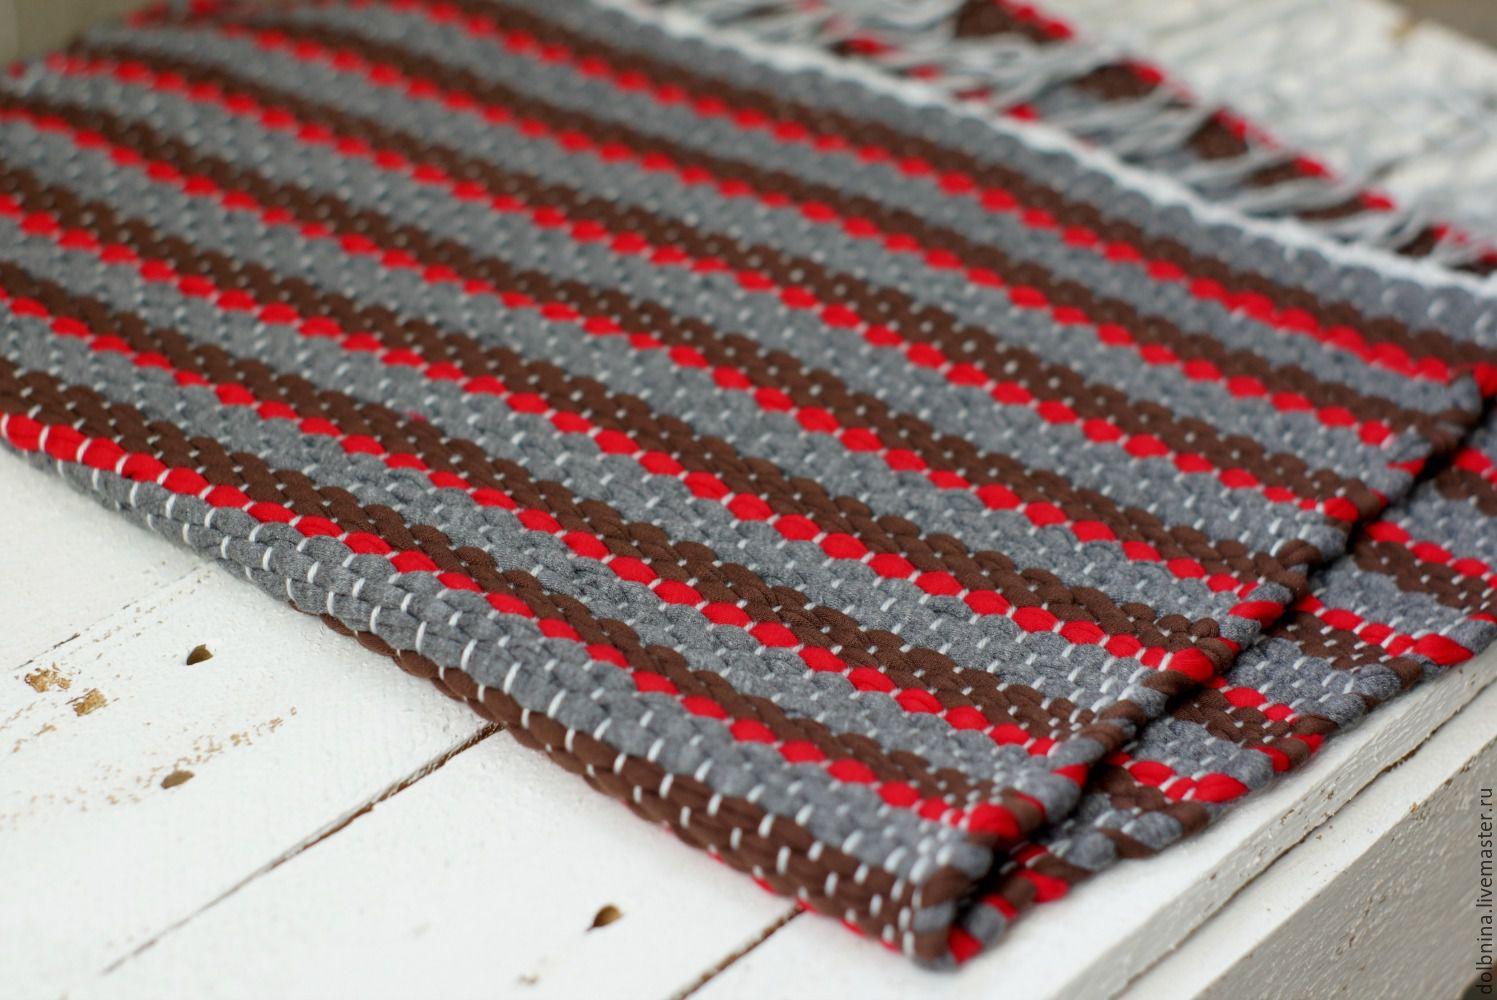 Домотканый коврик своими руками мастер класс фото 698